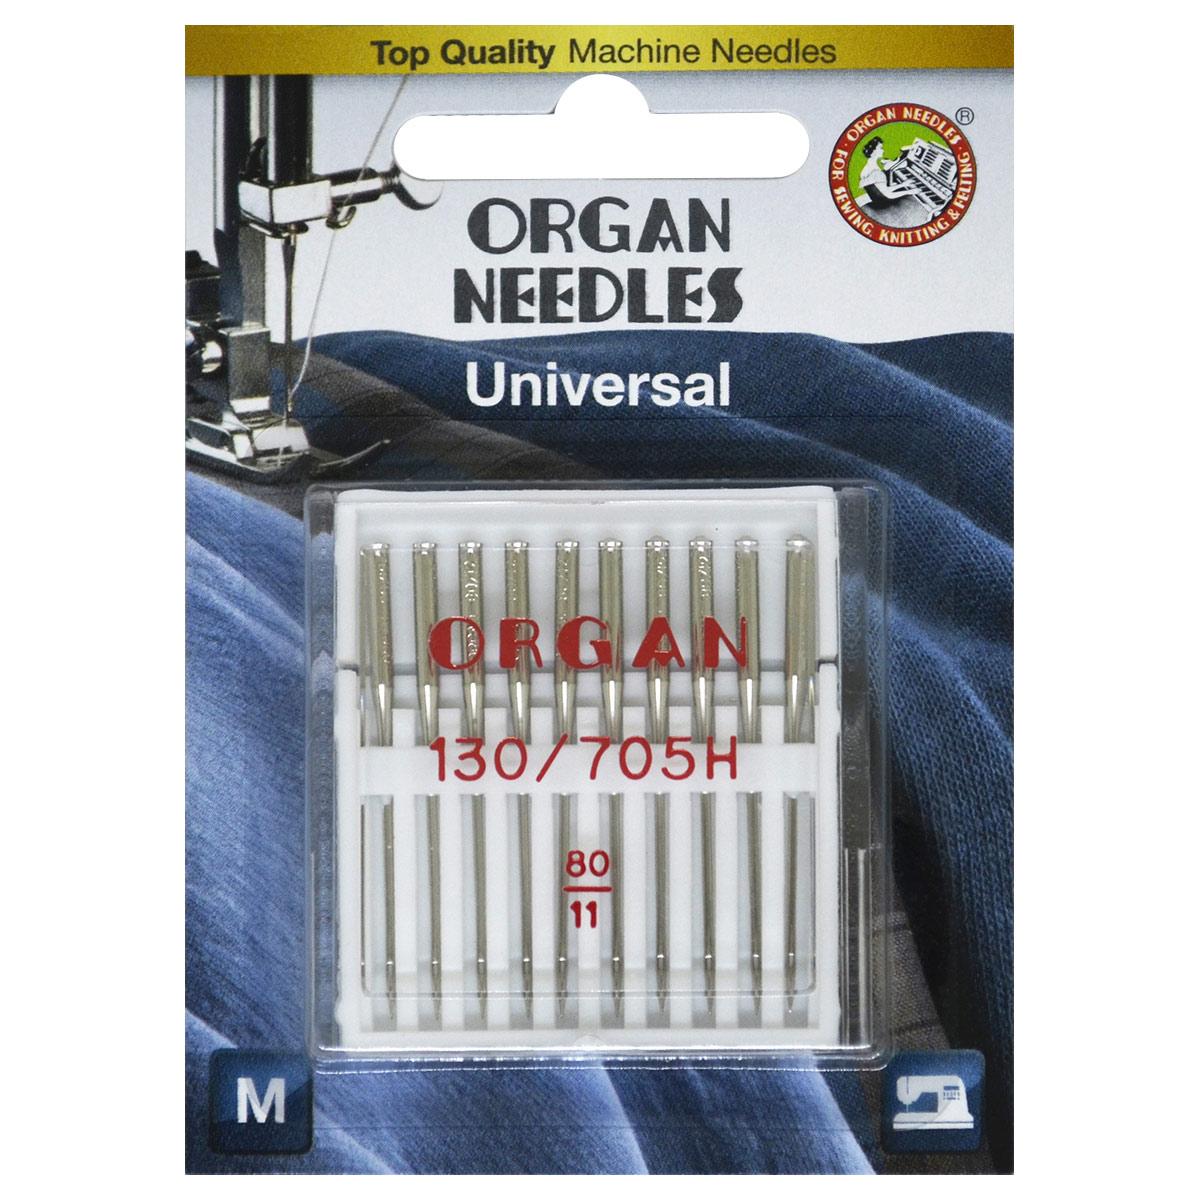 ORGAN иглы универсальные 10/80 Blister